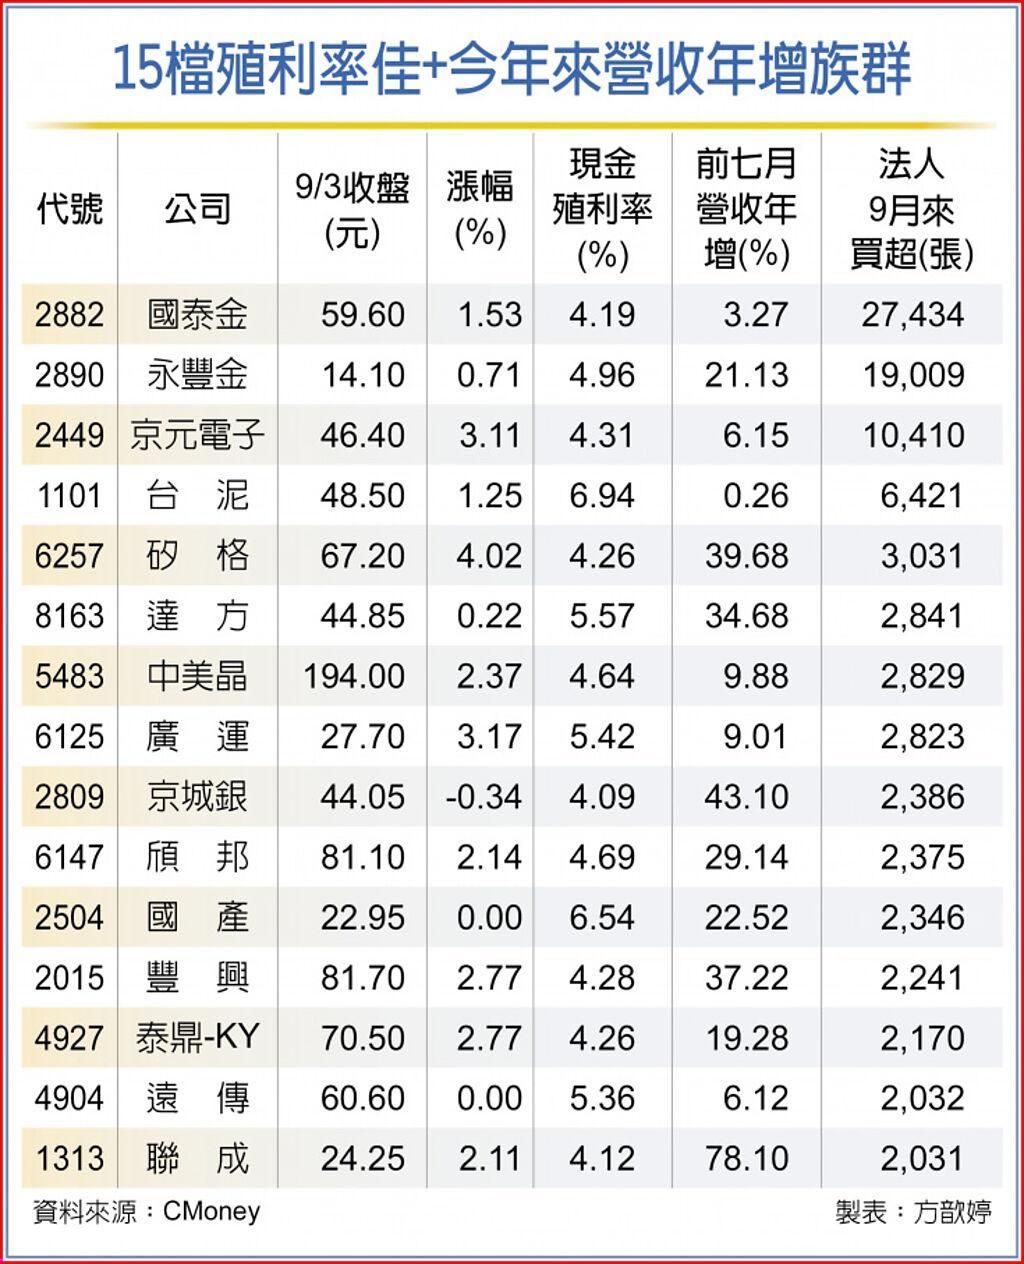 15檔殖利率佳+今年來營收年增族群